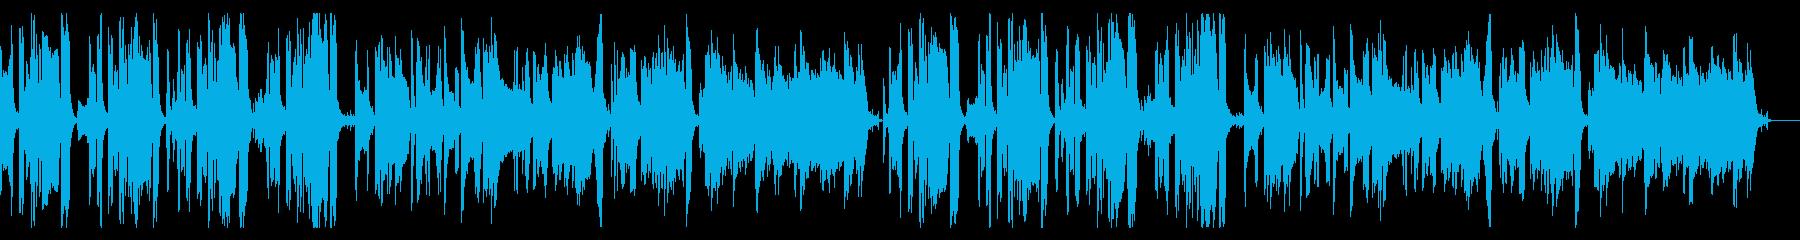 コミカルでスローなハロウィン曲の再生済みの波形